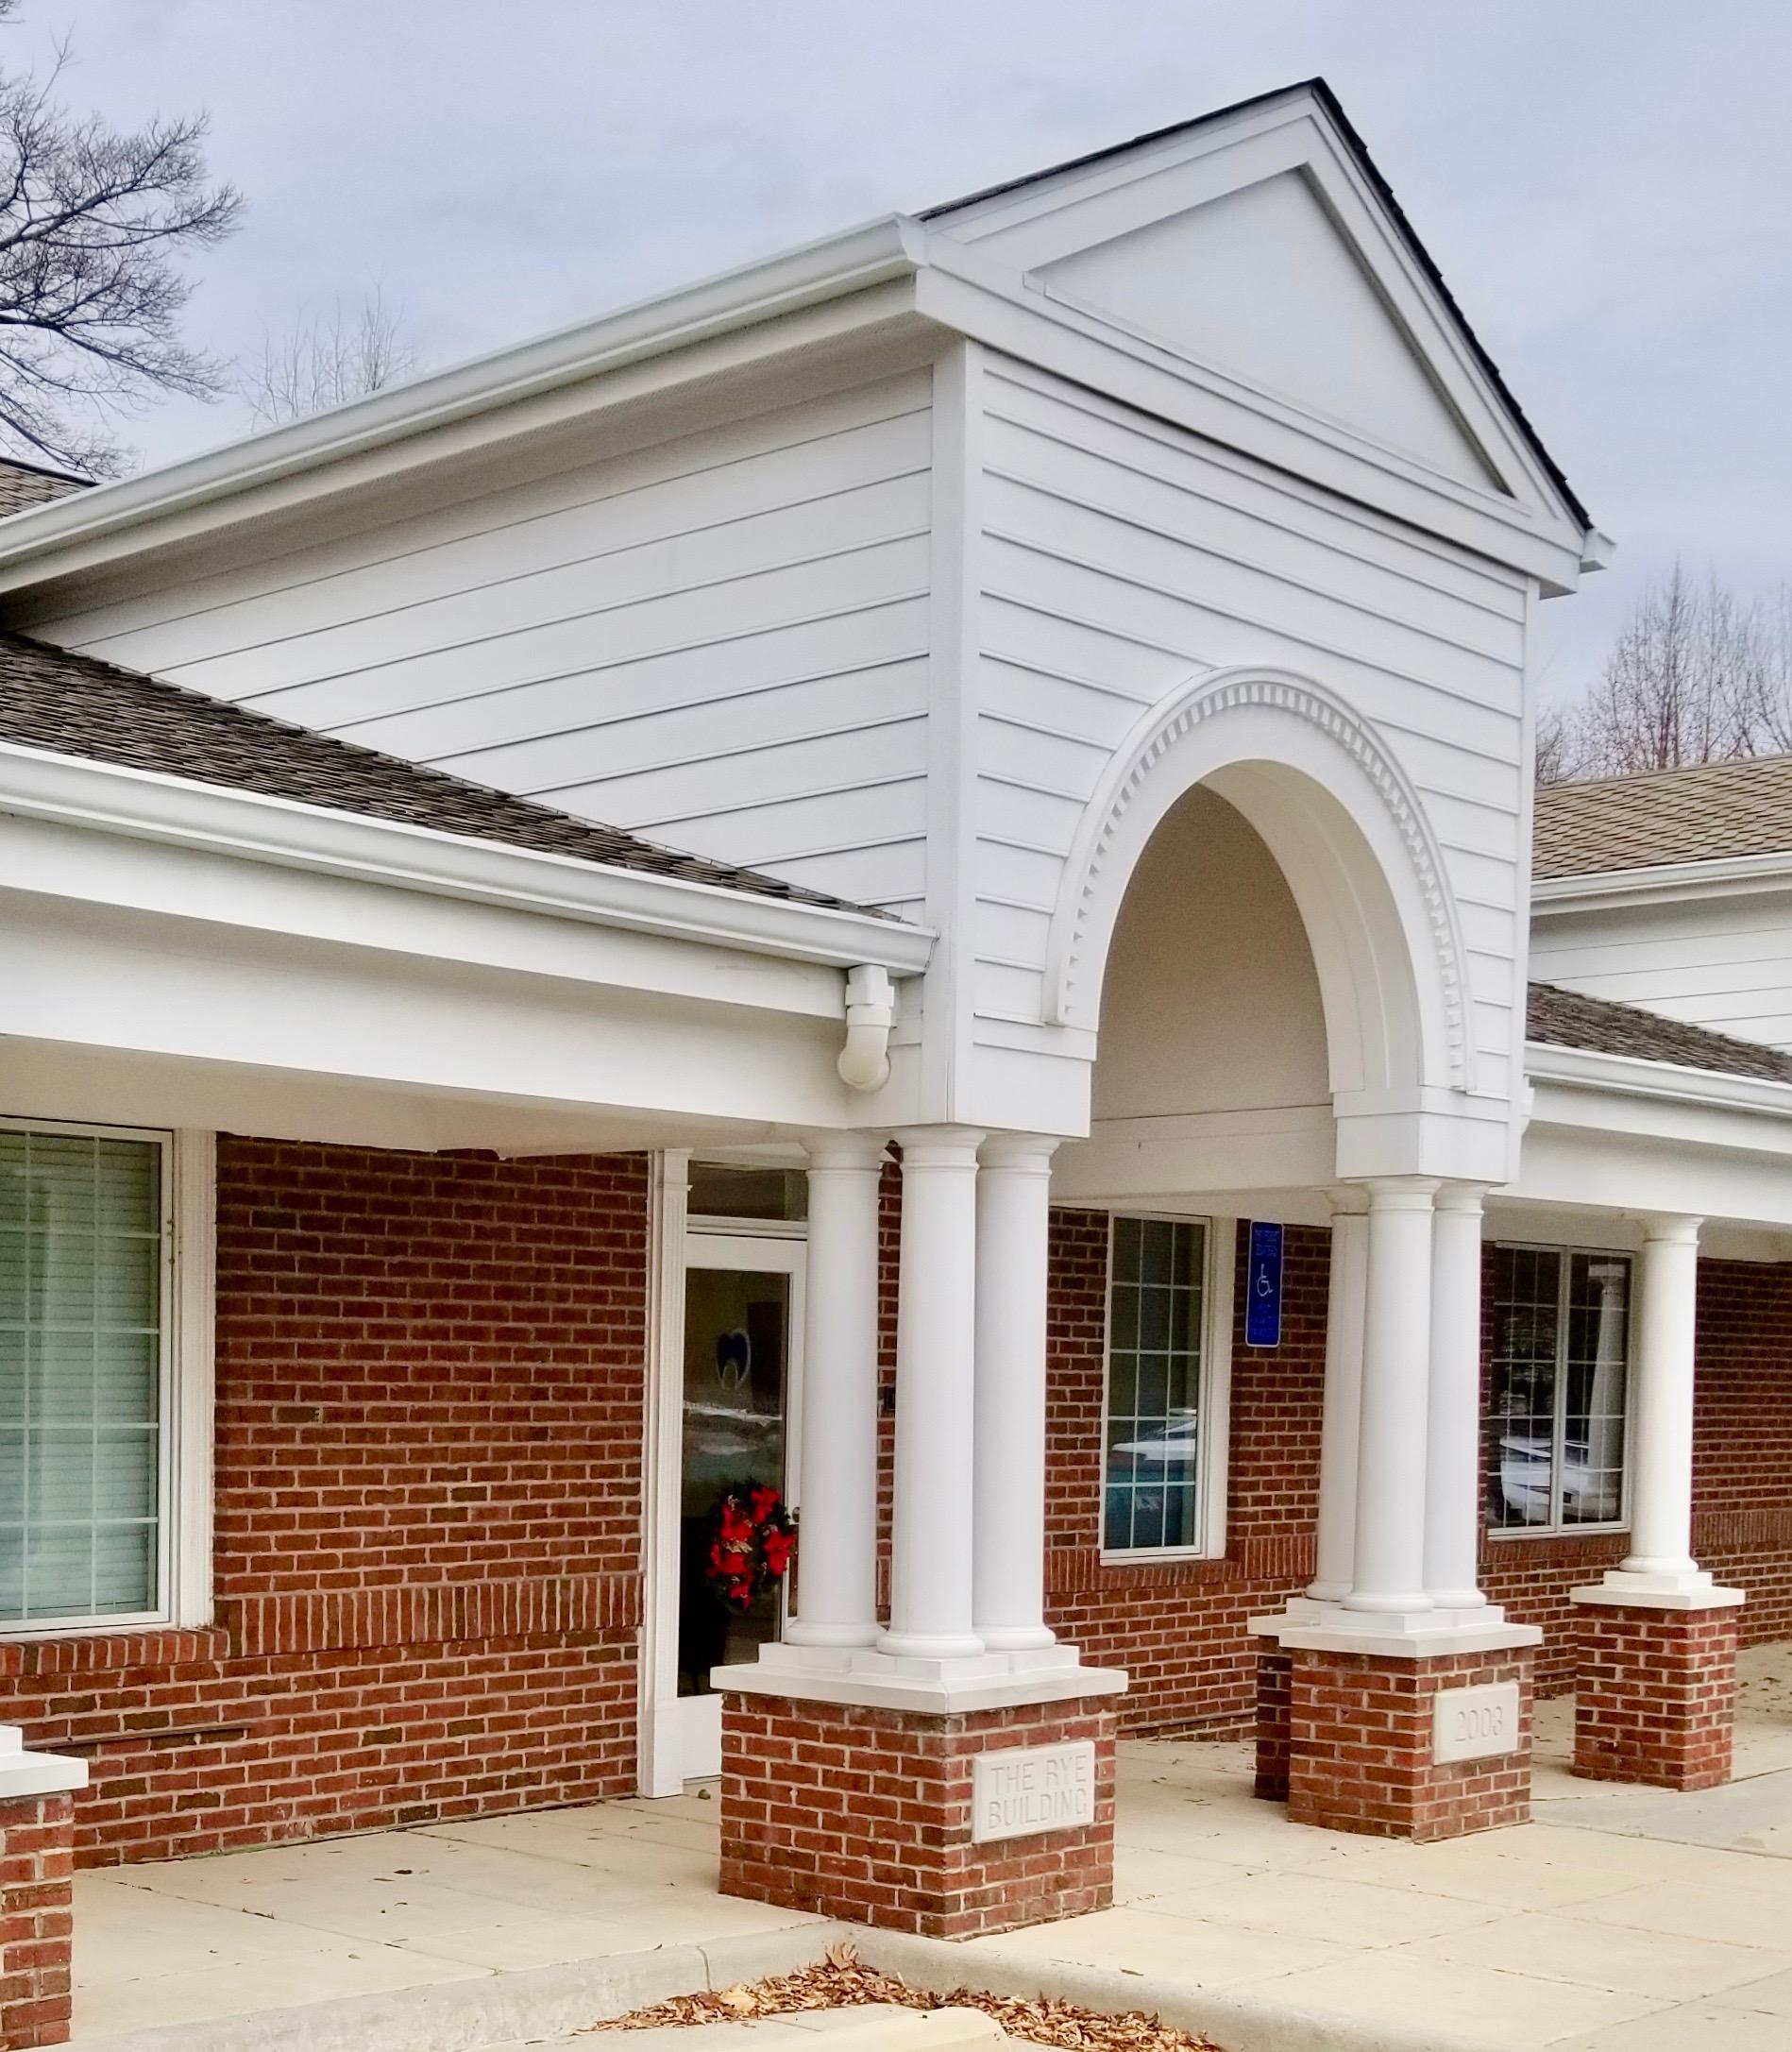 Fairfax Endodontics: Dr. Salar Sanjari - Fairfax, VA